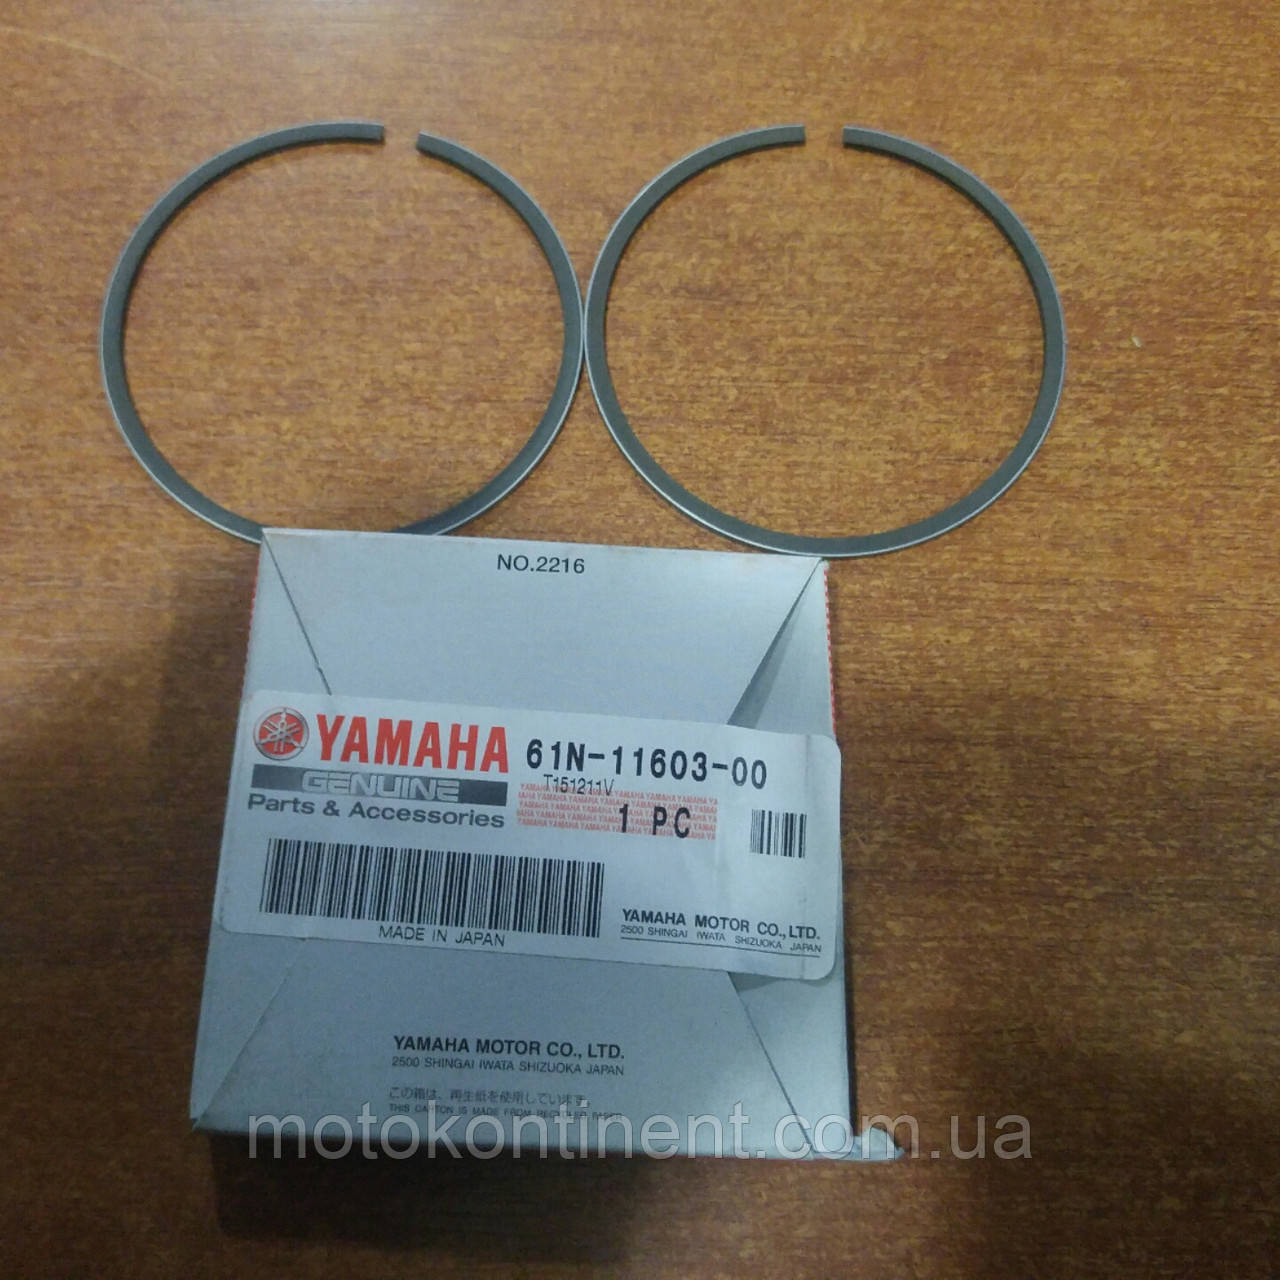 61N-11603-00 Кольца поршневые STD 72mm для двухтактных моторов Yamaha 25/30